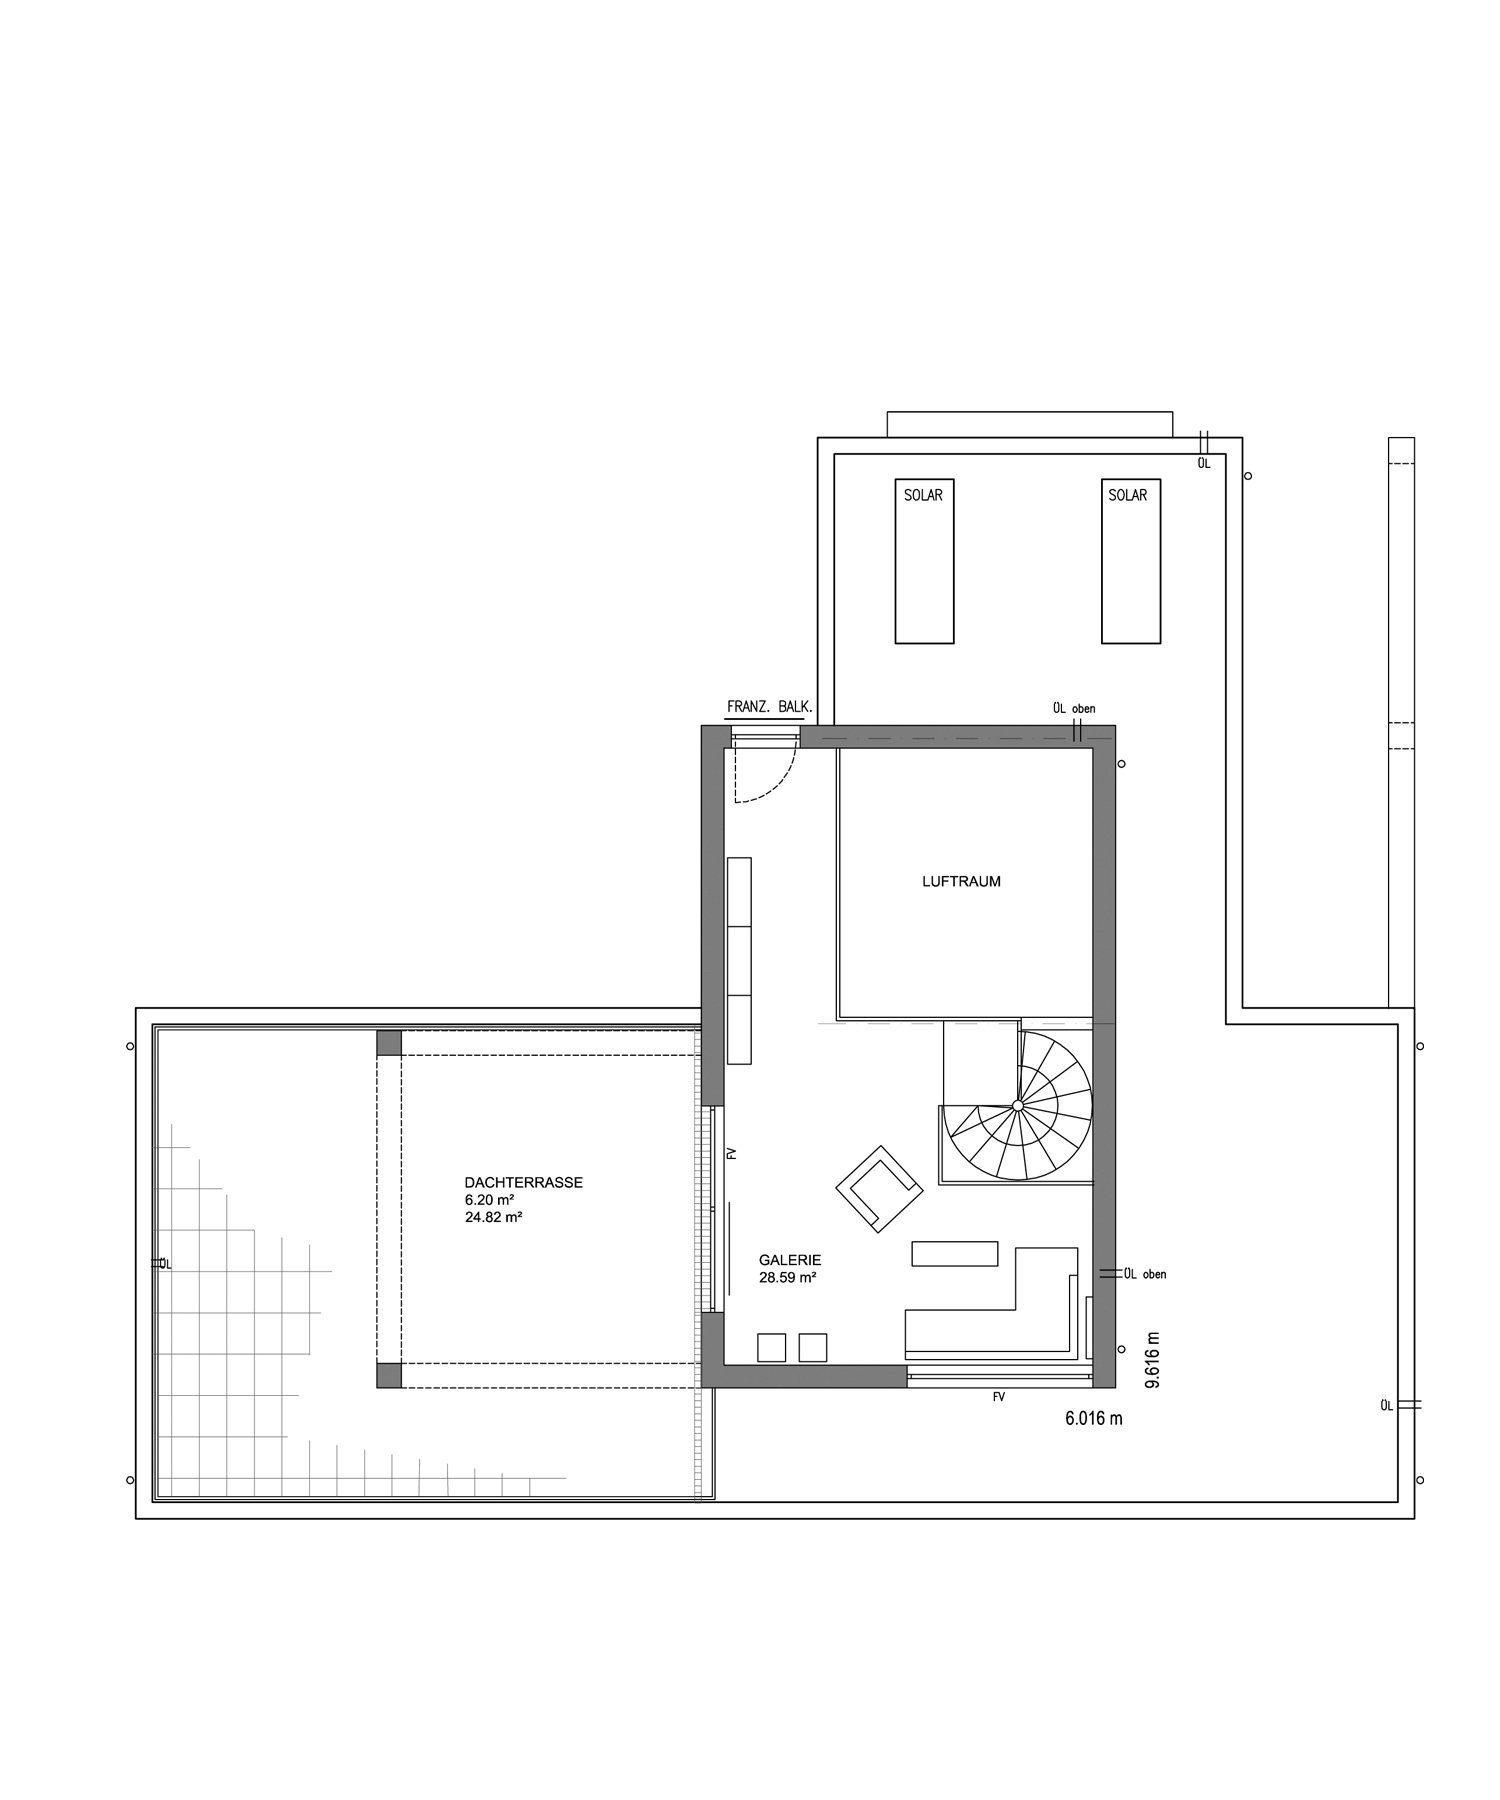 L³- Luxhaus Lifestyle Loft - Eine Nahaufnahme eines Geräts - Gebäudeplan